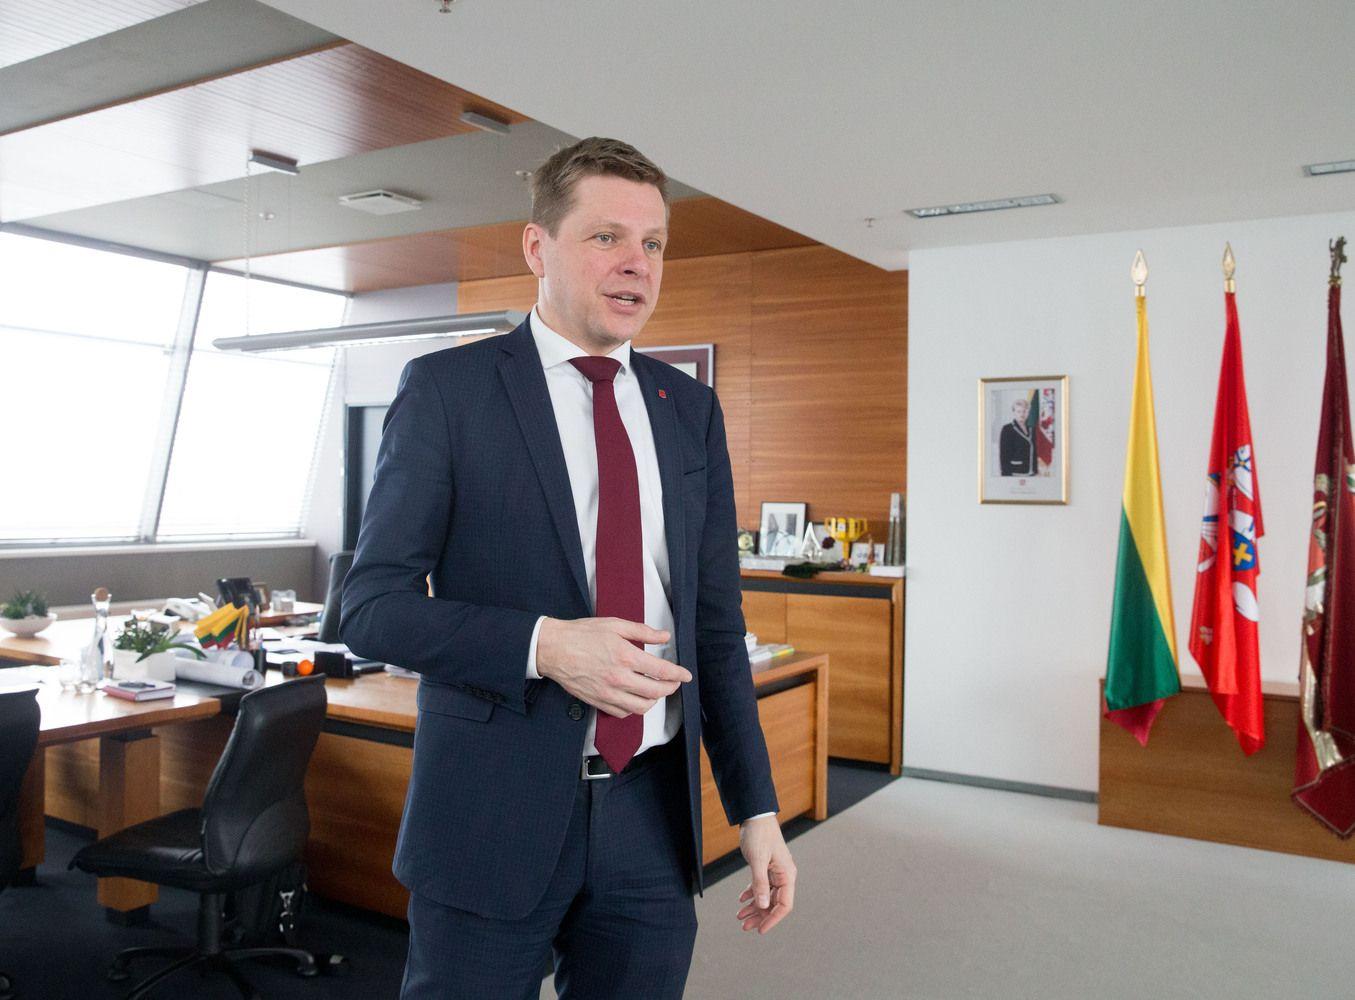 VTEK: Vilniaus meras R. Šimašius supainiojo interesus